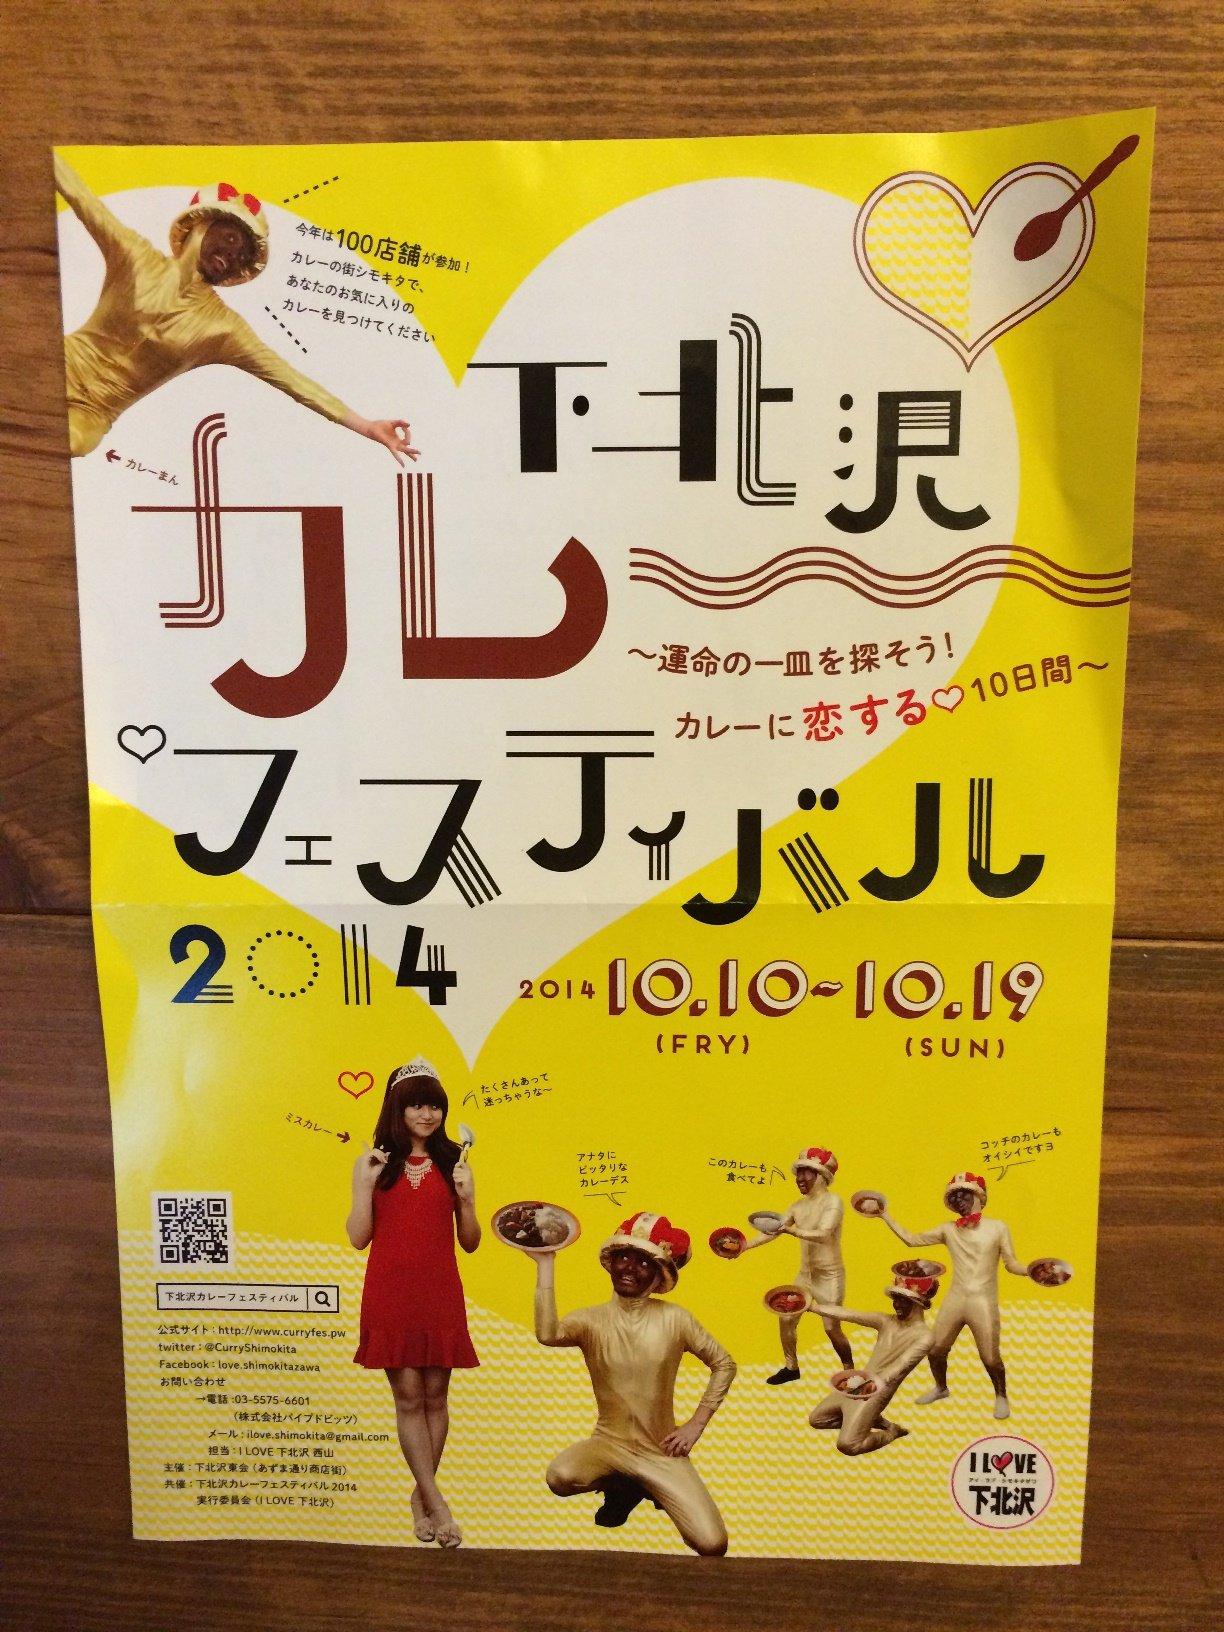 下北沢カレーフェスティバル2014が10/10(金)~10/19(日)開催